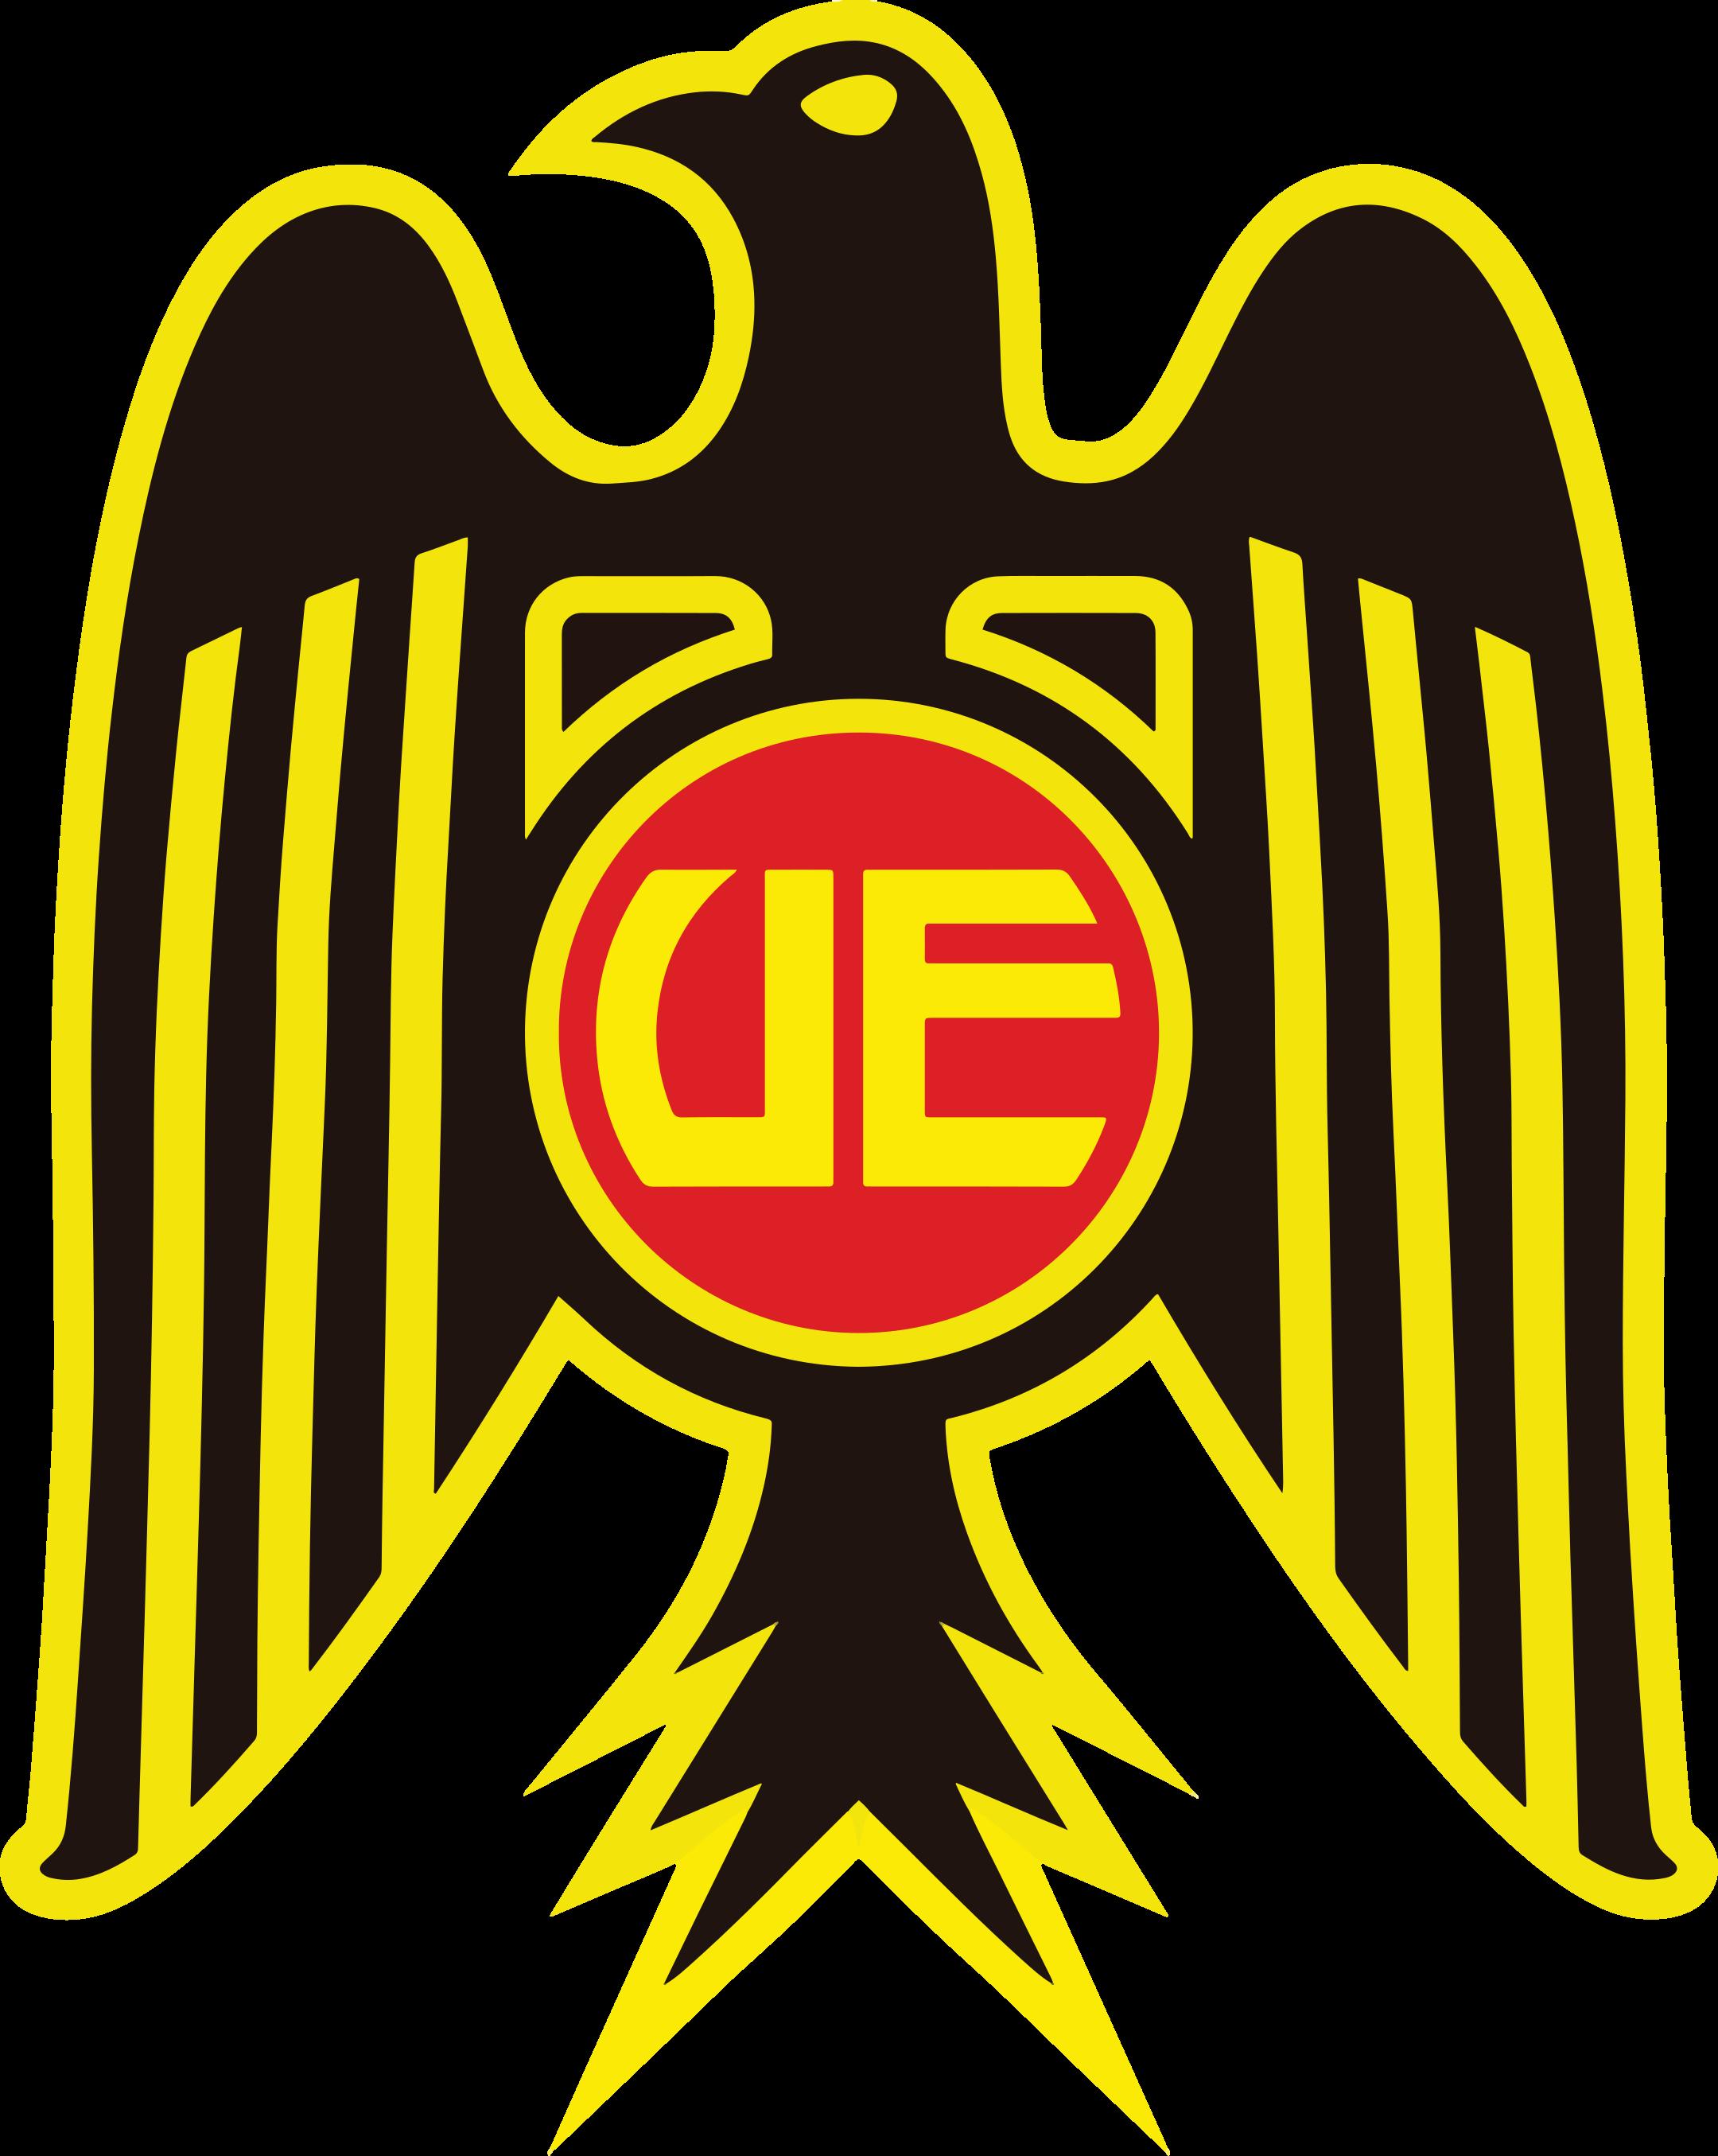 union espanola logo 1 - Unión Española Logo